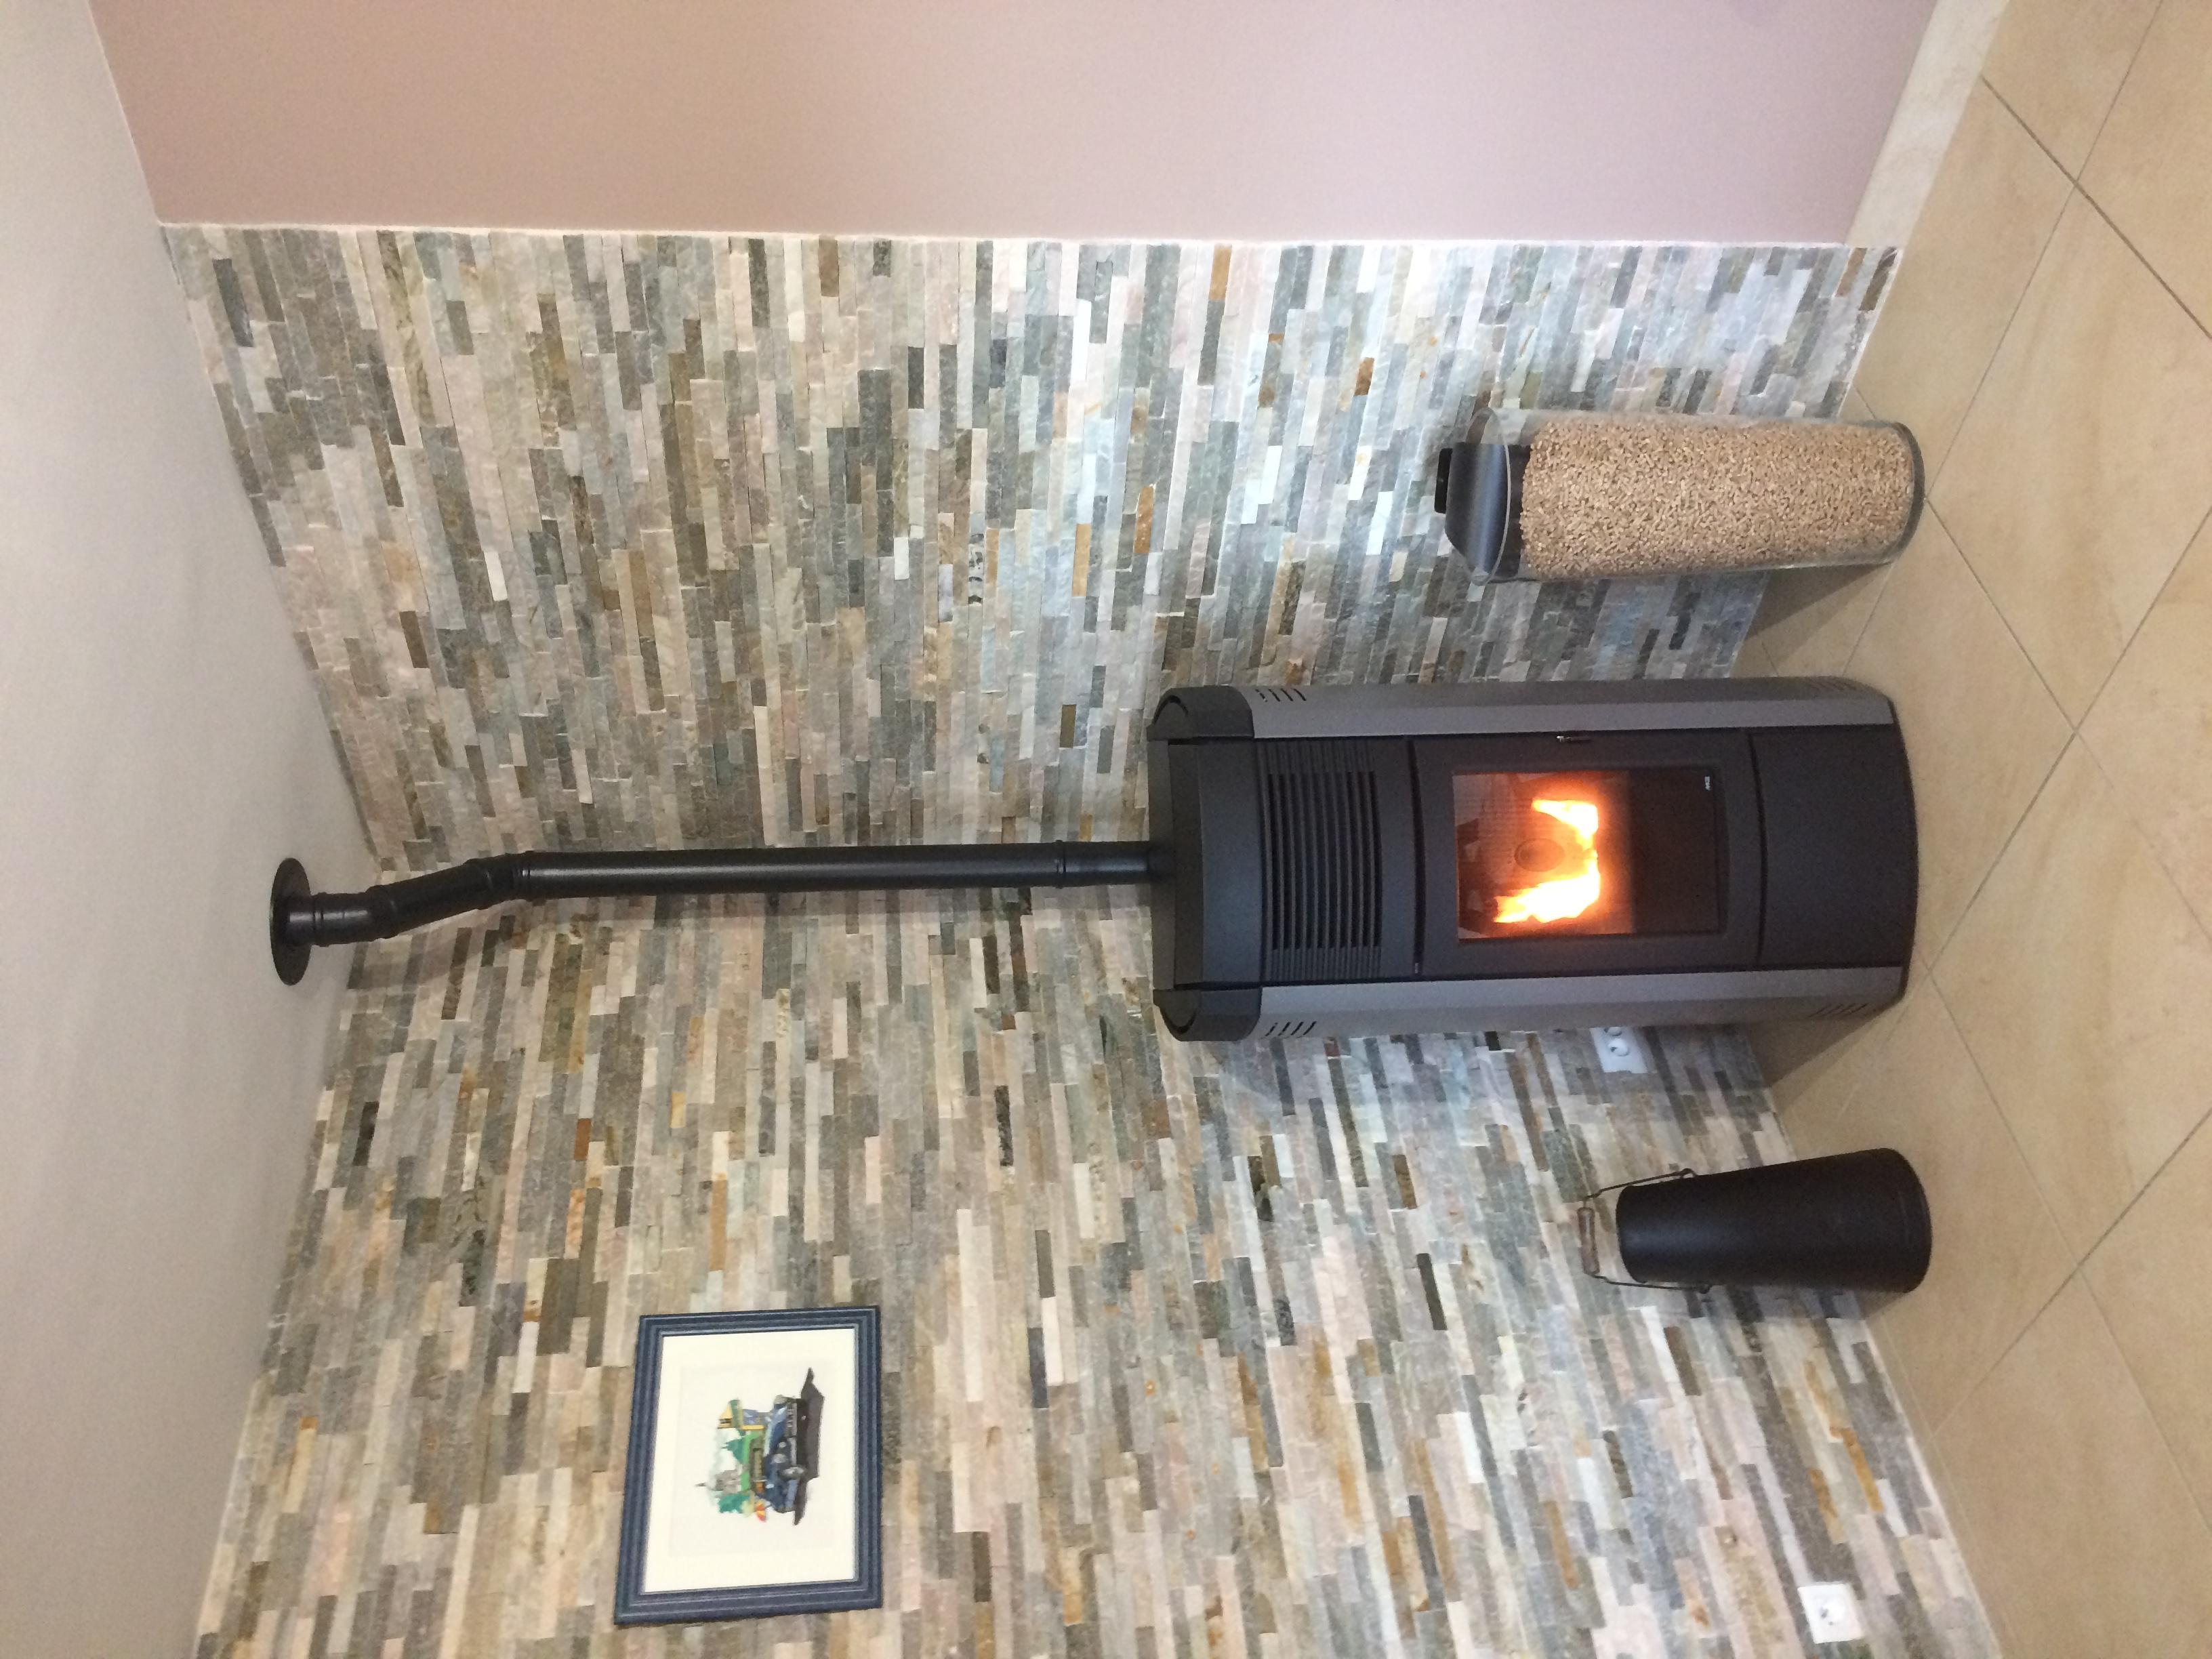 poele a granule avec de chaleur cheap duun pole granuls piazzetta modle pm avec cramique noir. Black Bedroom Furniture Sets. Home Design Ideas